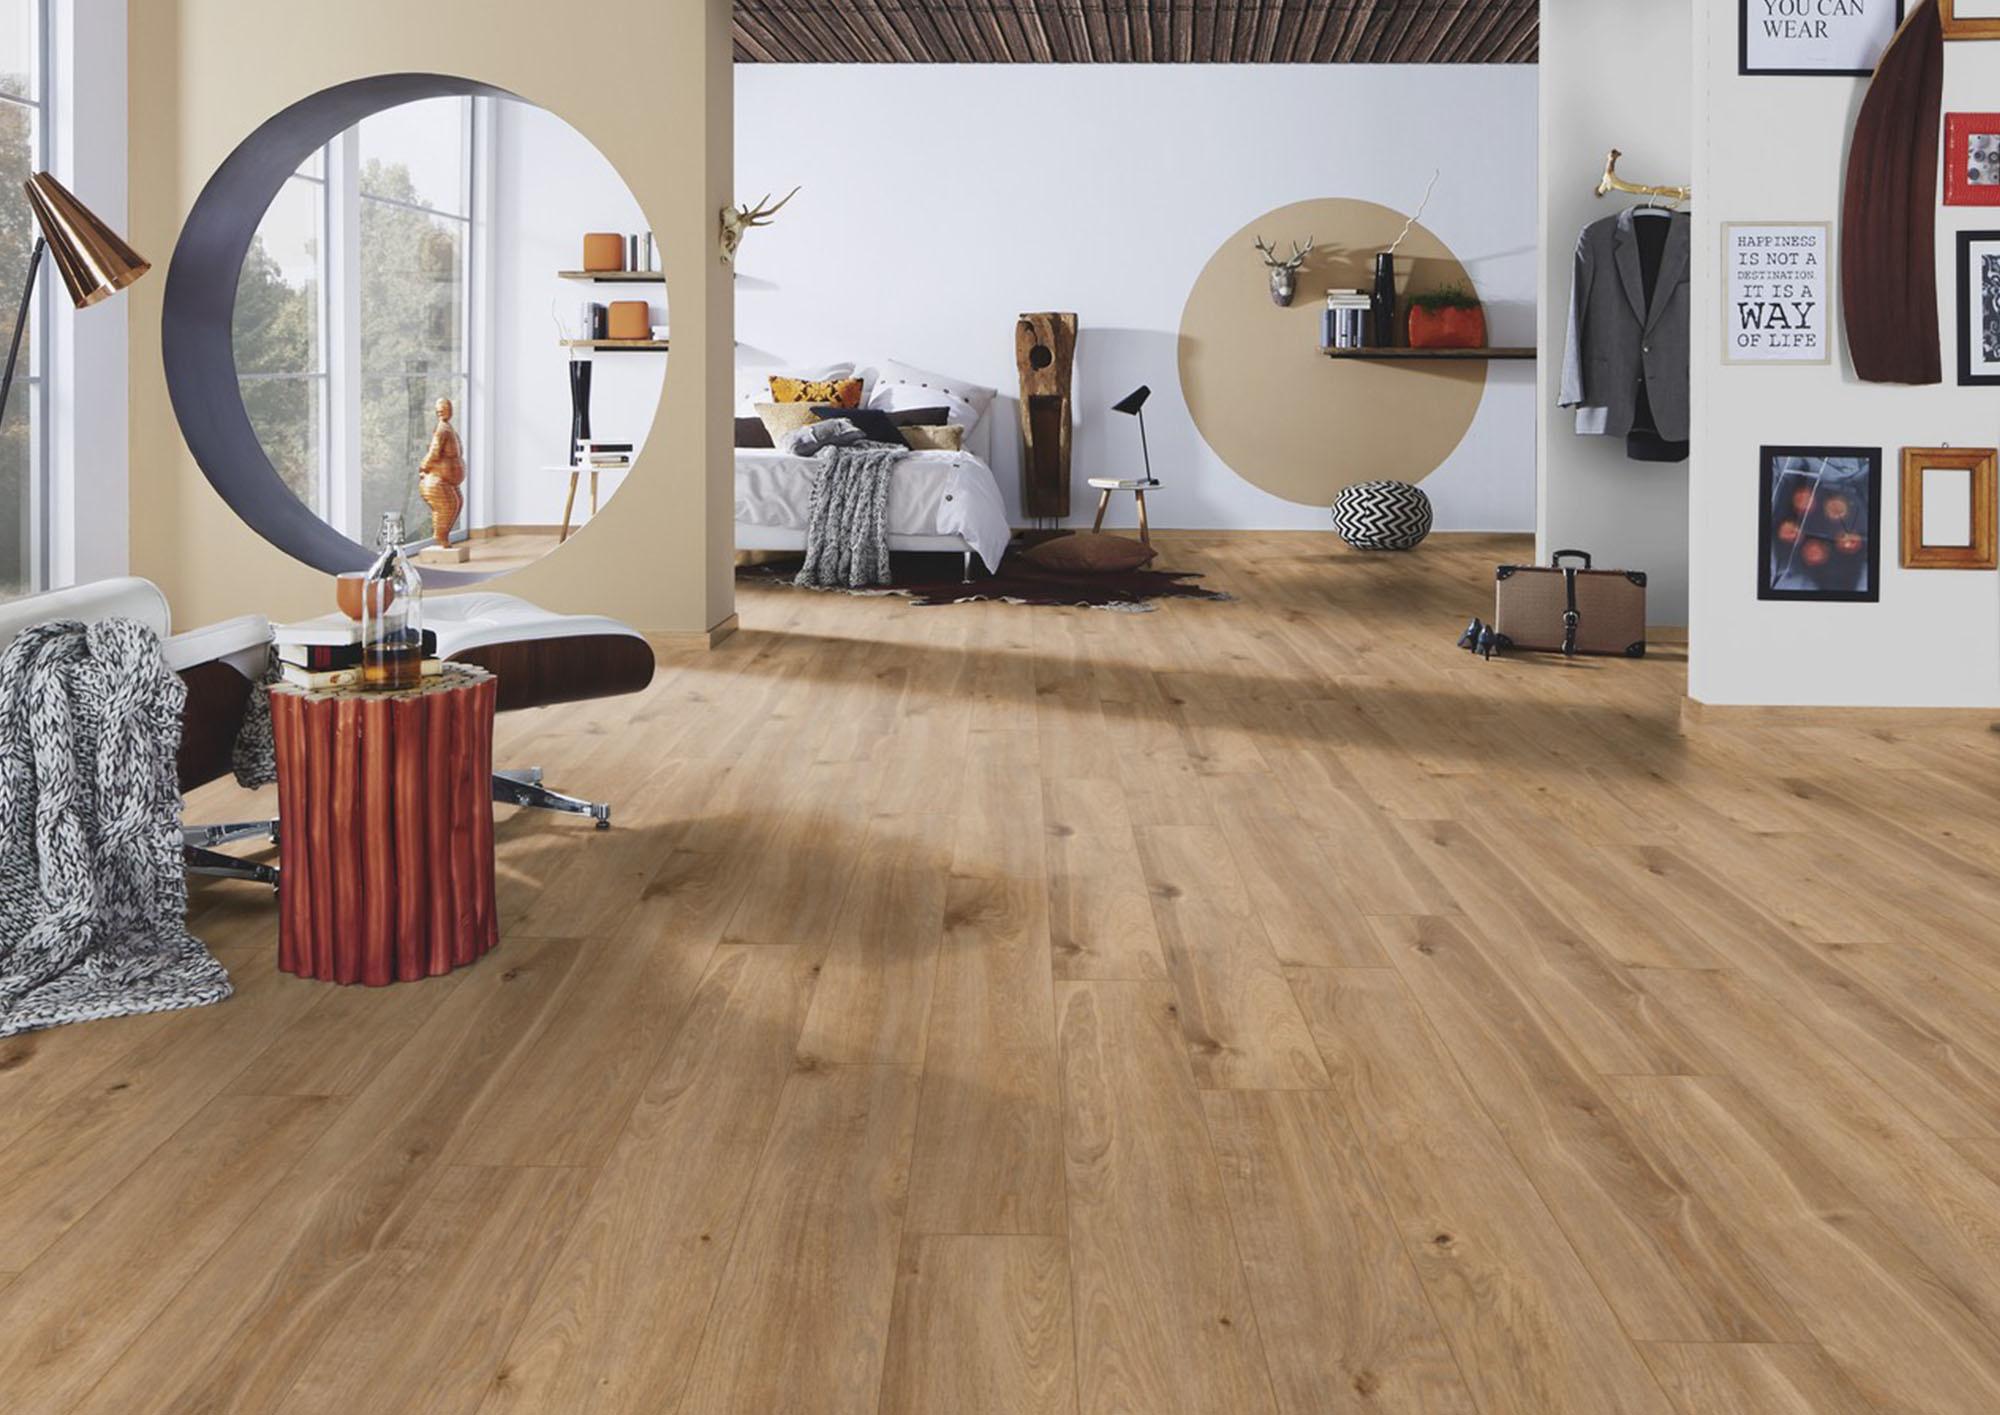 Solar Oak Laminate Flooring 8mm, 8mm Oak Laminate Flooring